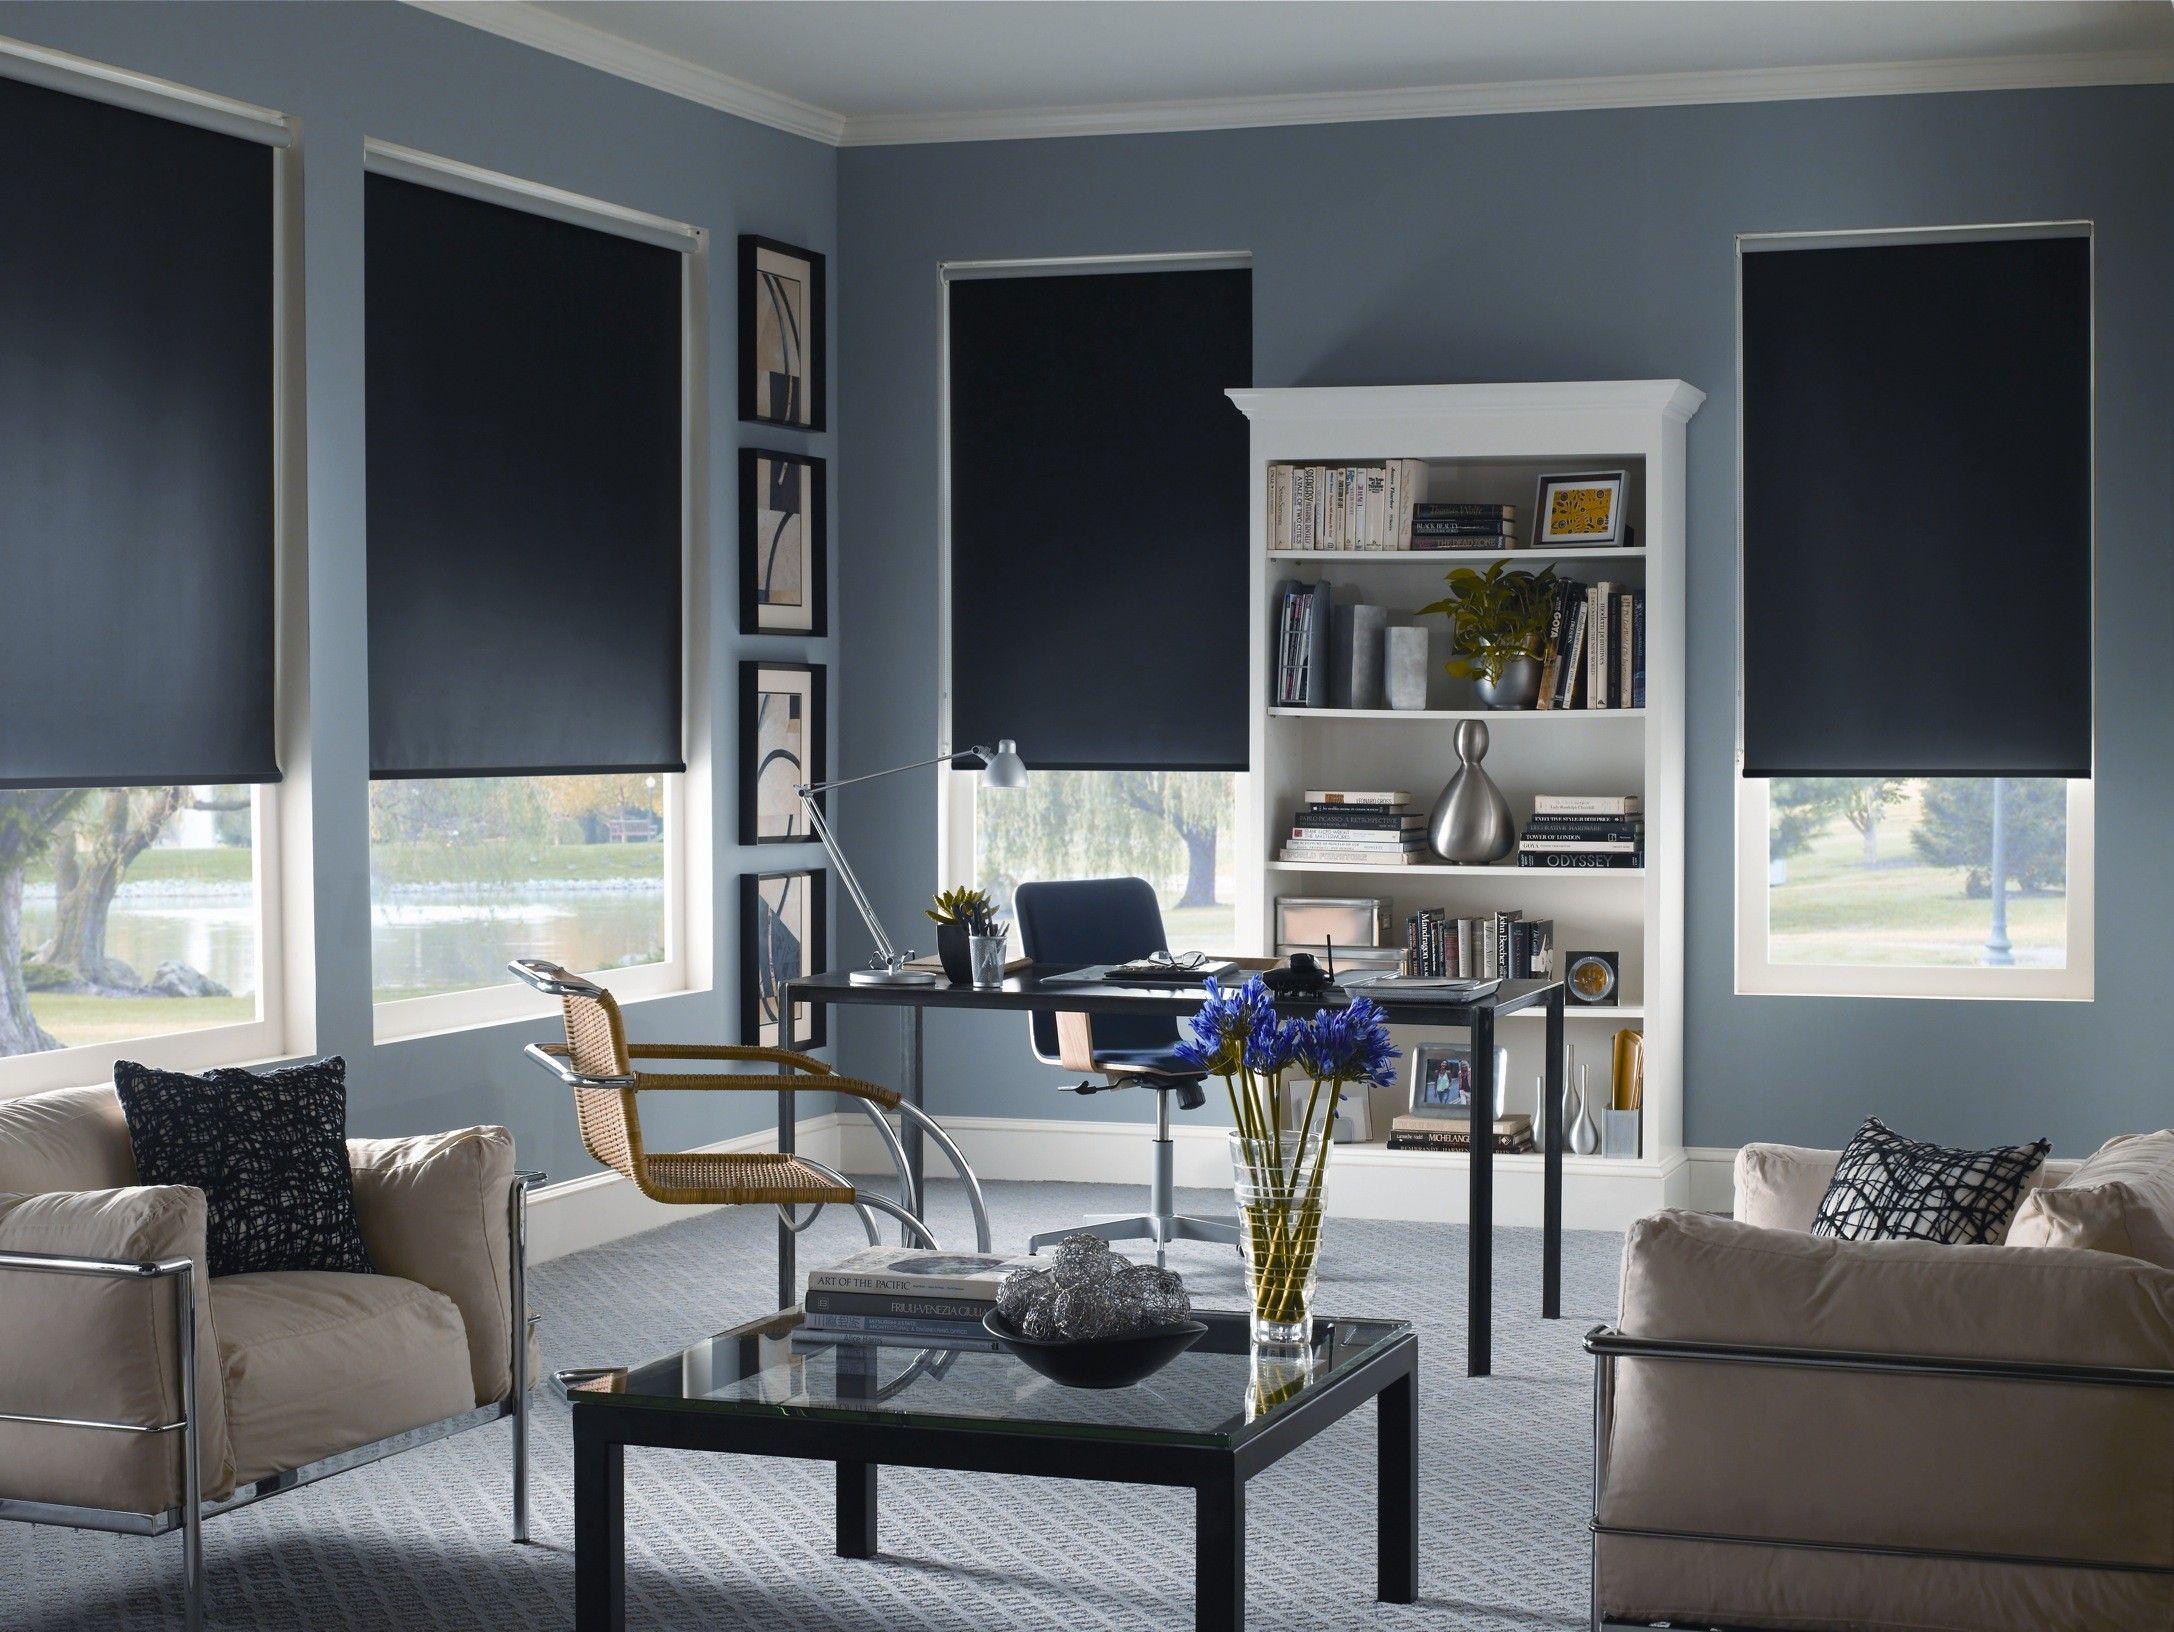 Interior Design Black Roller Shades Blackout Blinds